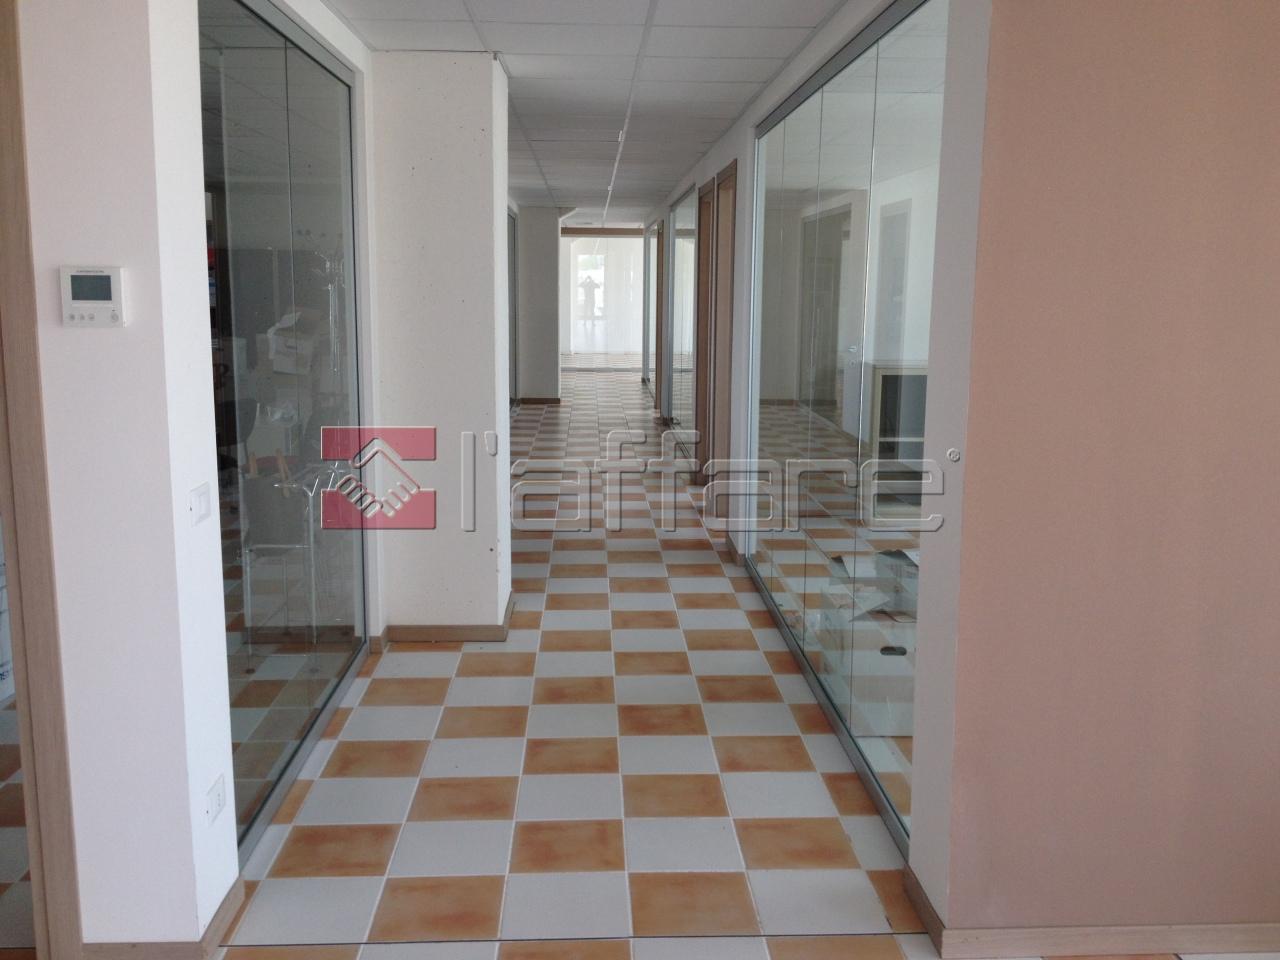 Ufficio in affitto commerciale a Casciana Terme Lari (PI)